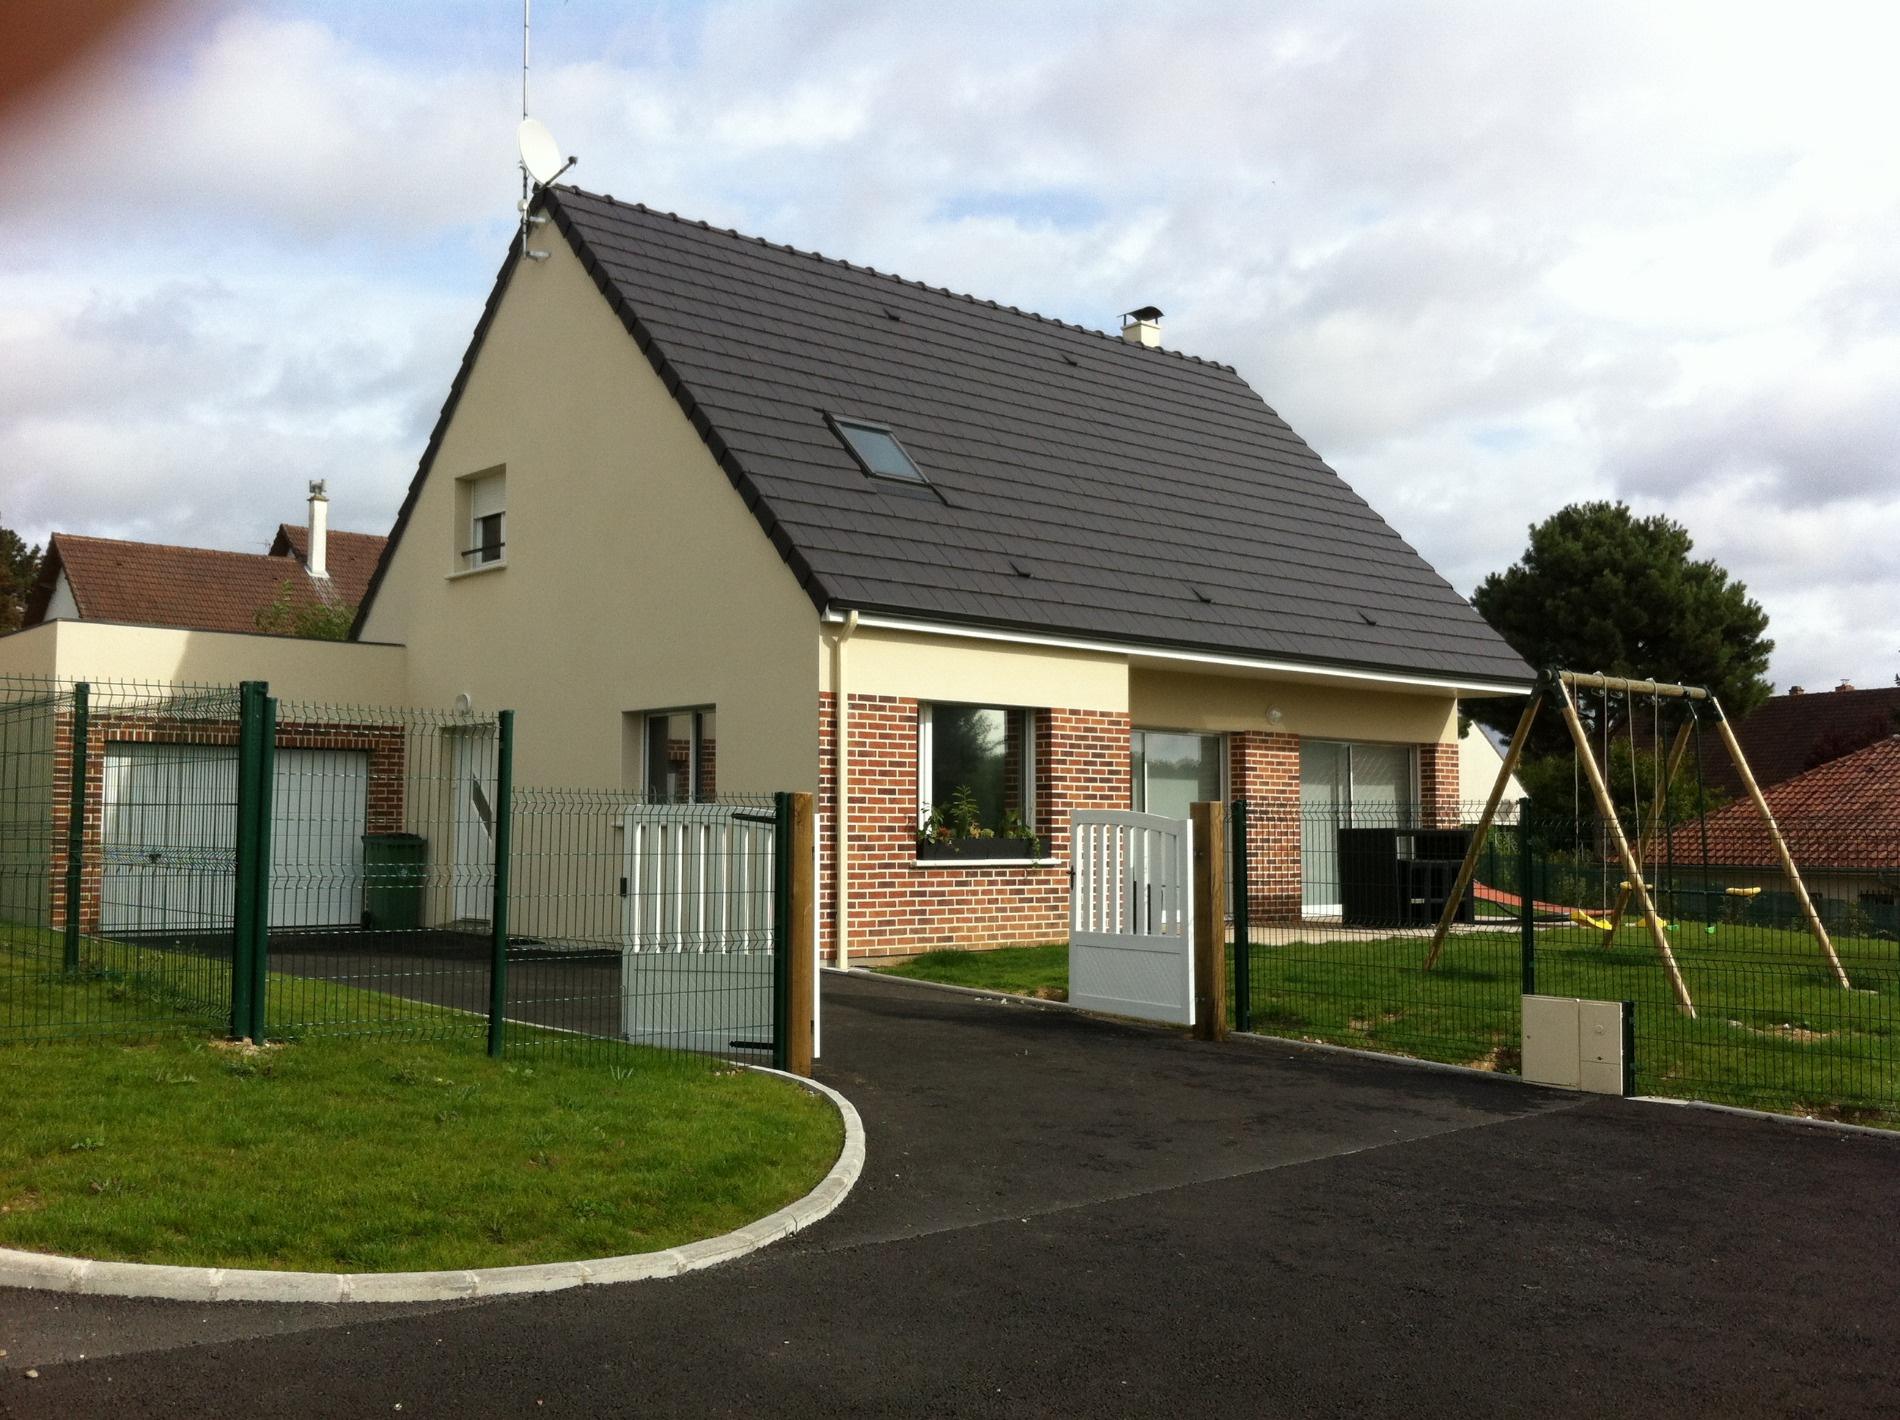 Annonce location maison pont de metz 80480 124 m 1 for Annonce location maison